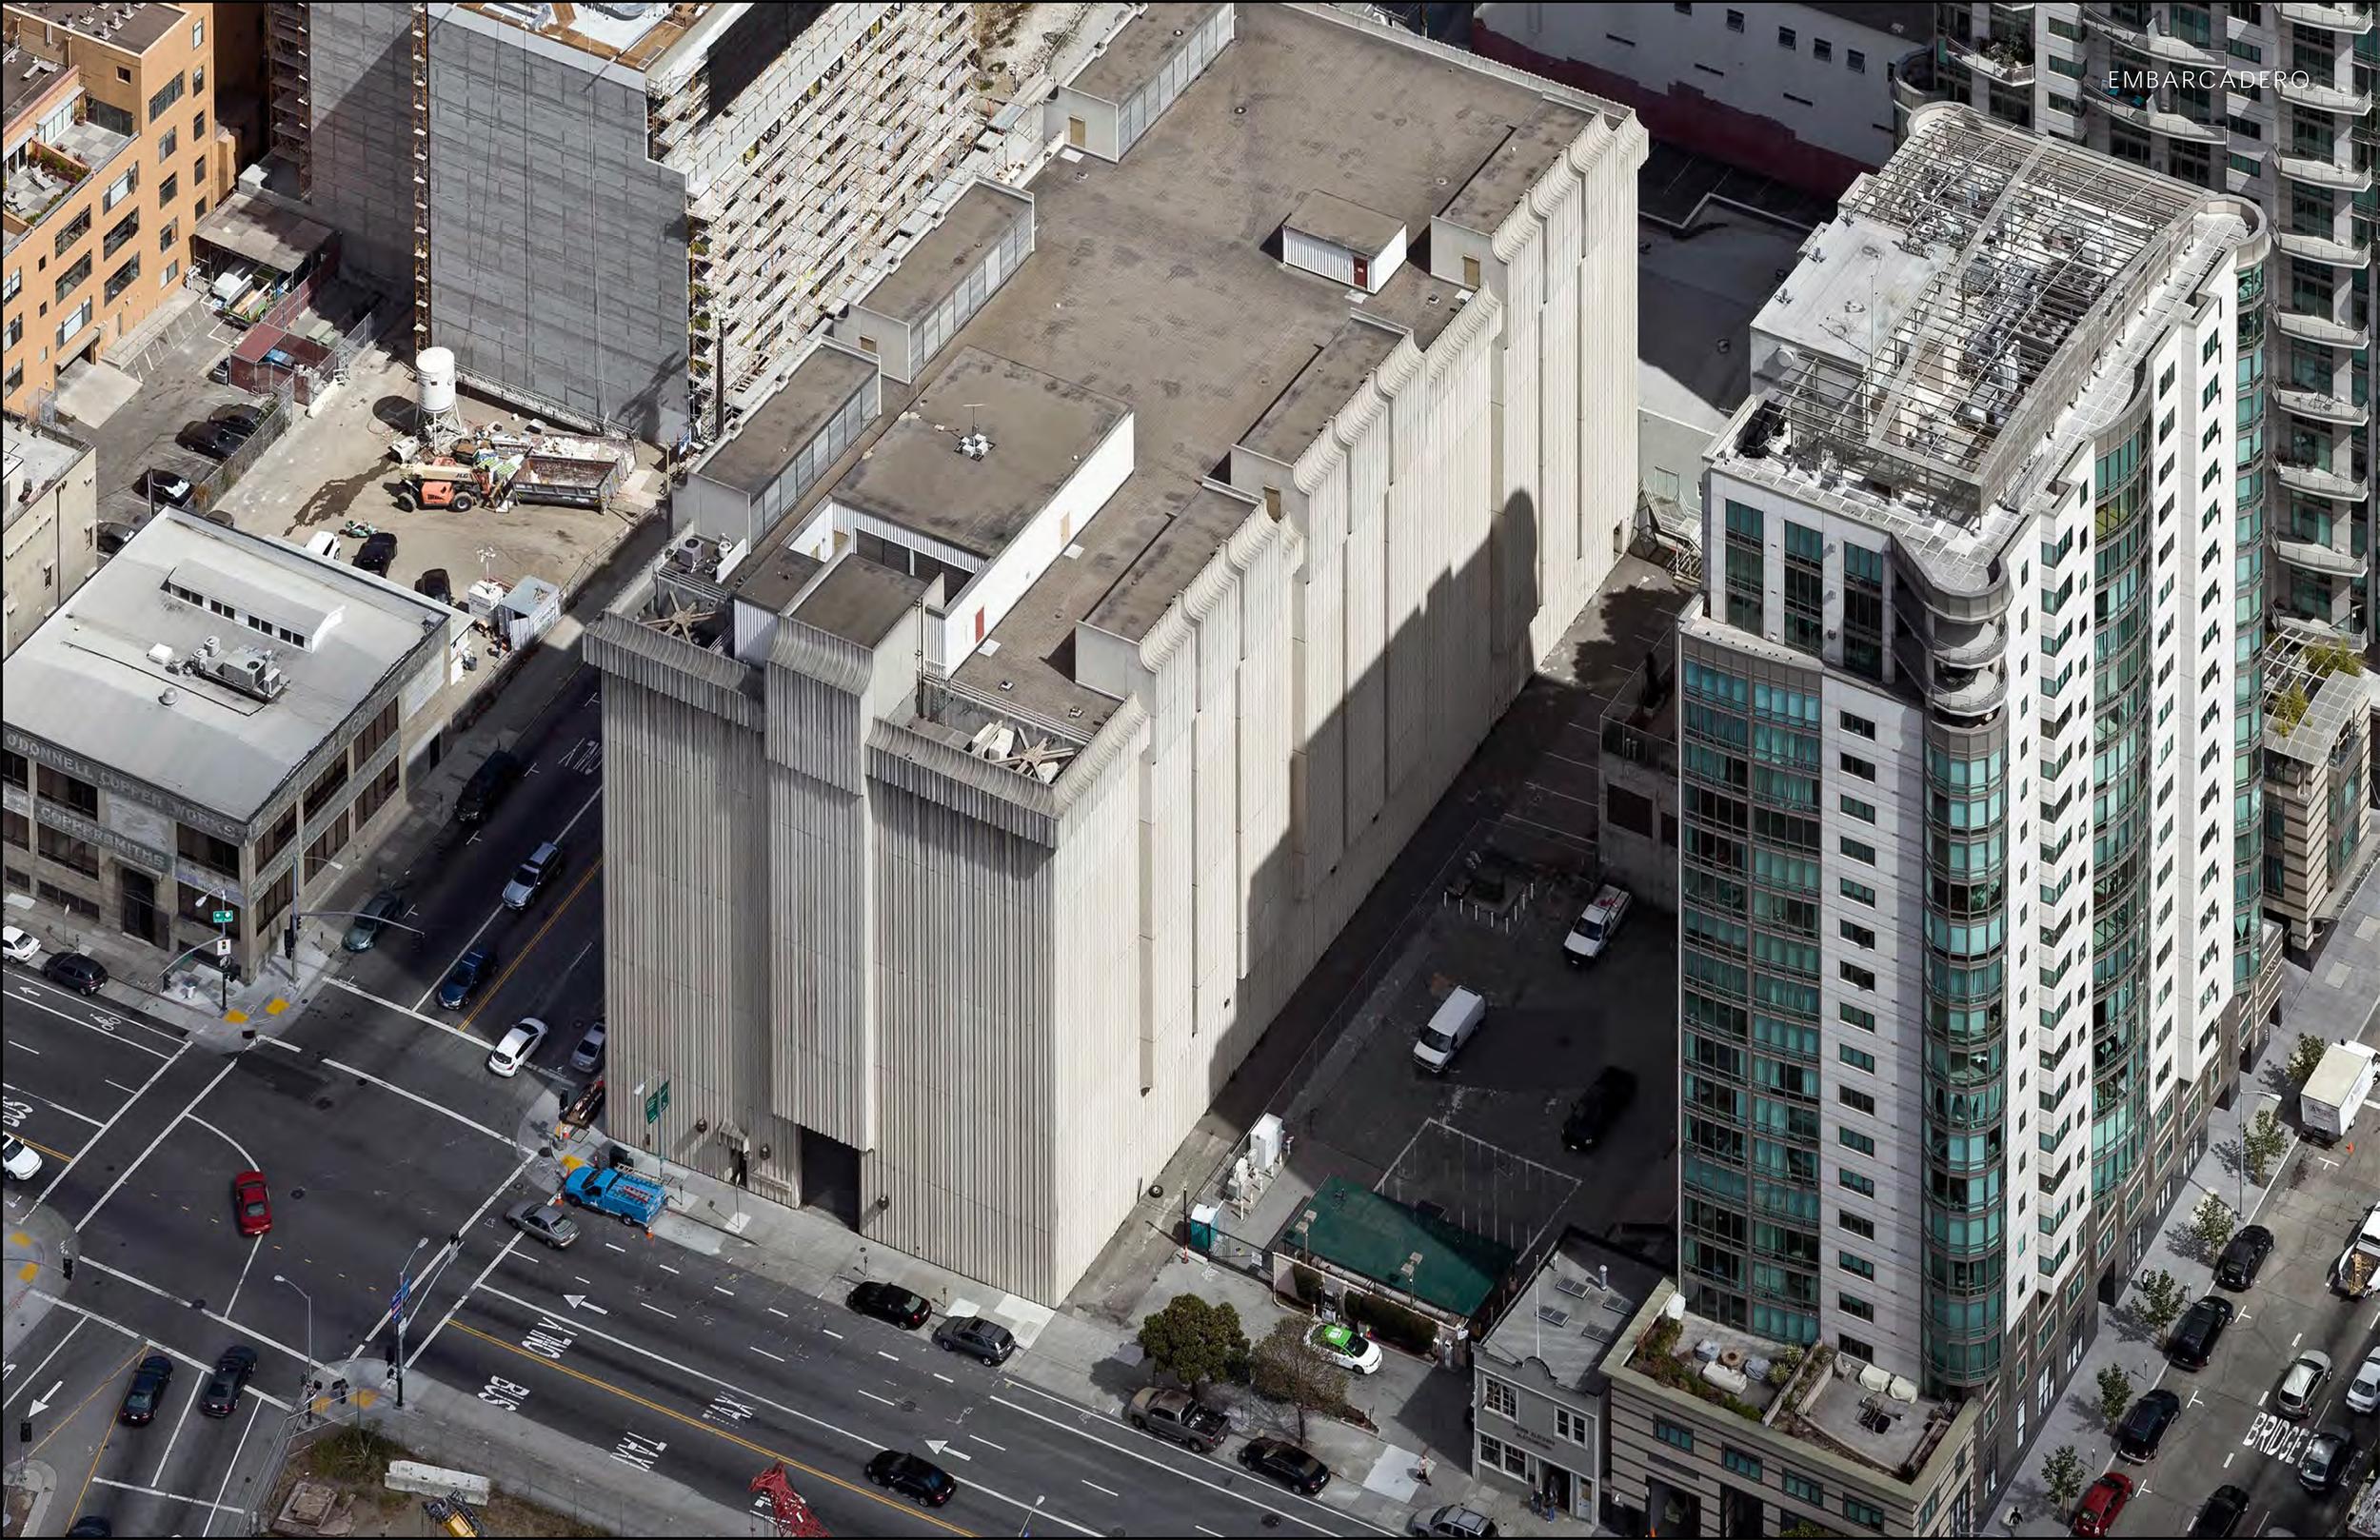 PG&E Embarcadero Substation